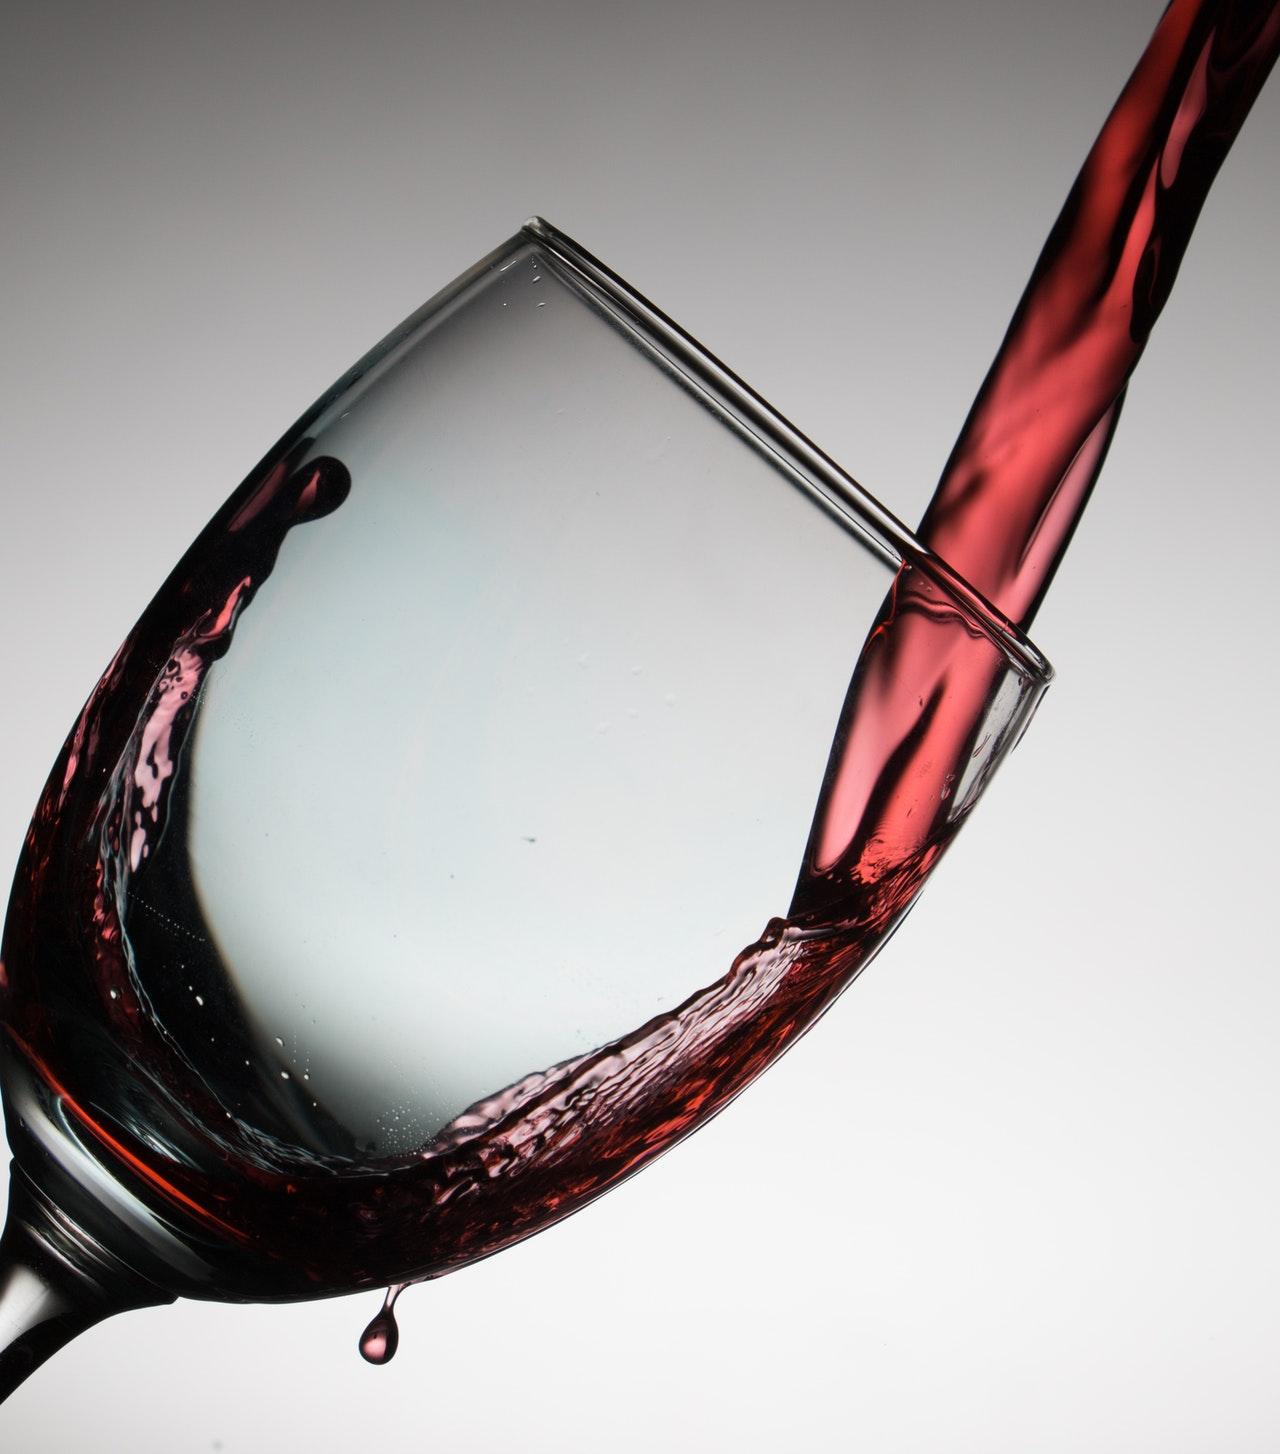 Rotweingläser sollten bauchig sein und eine relativ große Öffnung haben, wodurch sie sich von den meisten Weißweingläsern schon unterscheiden.